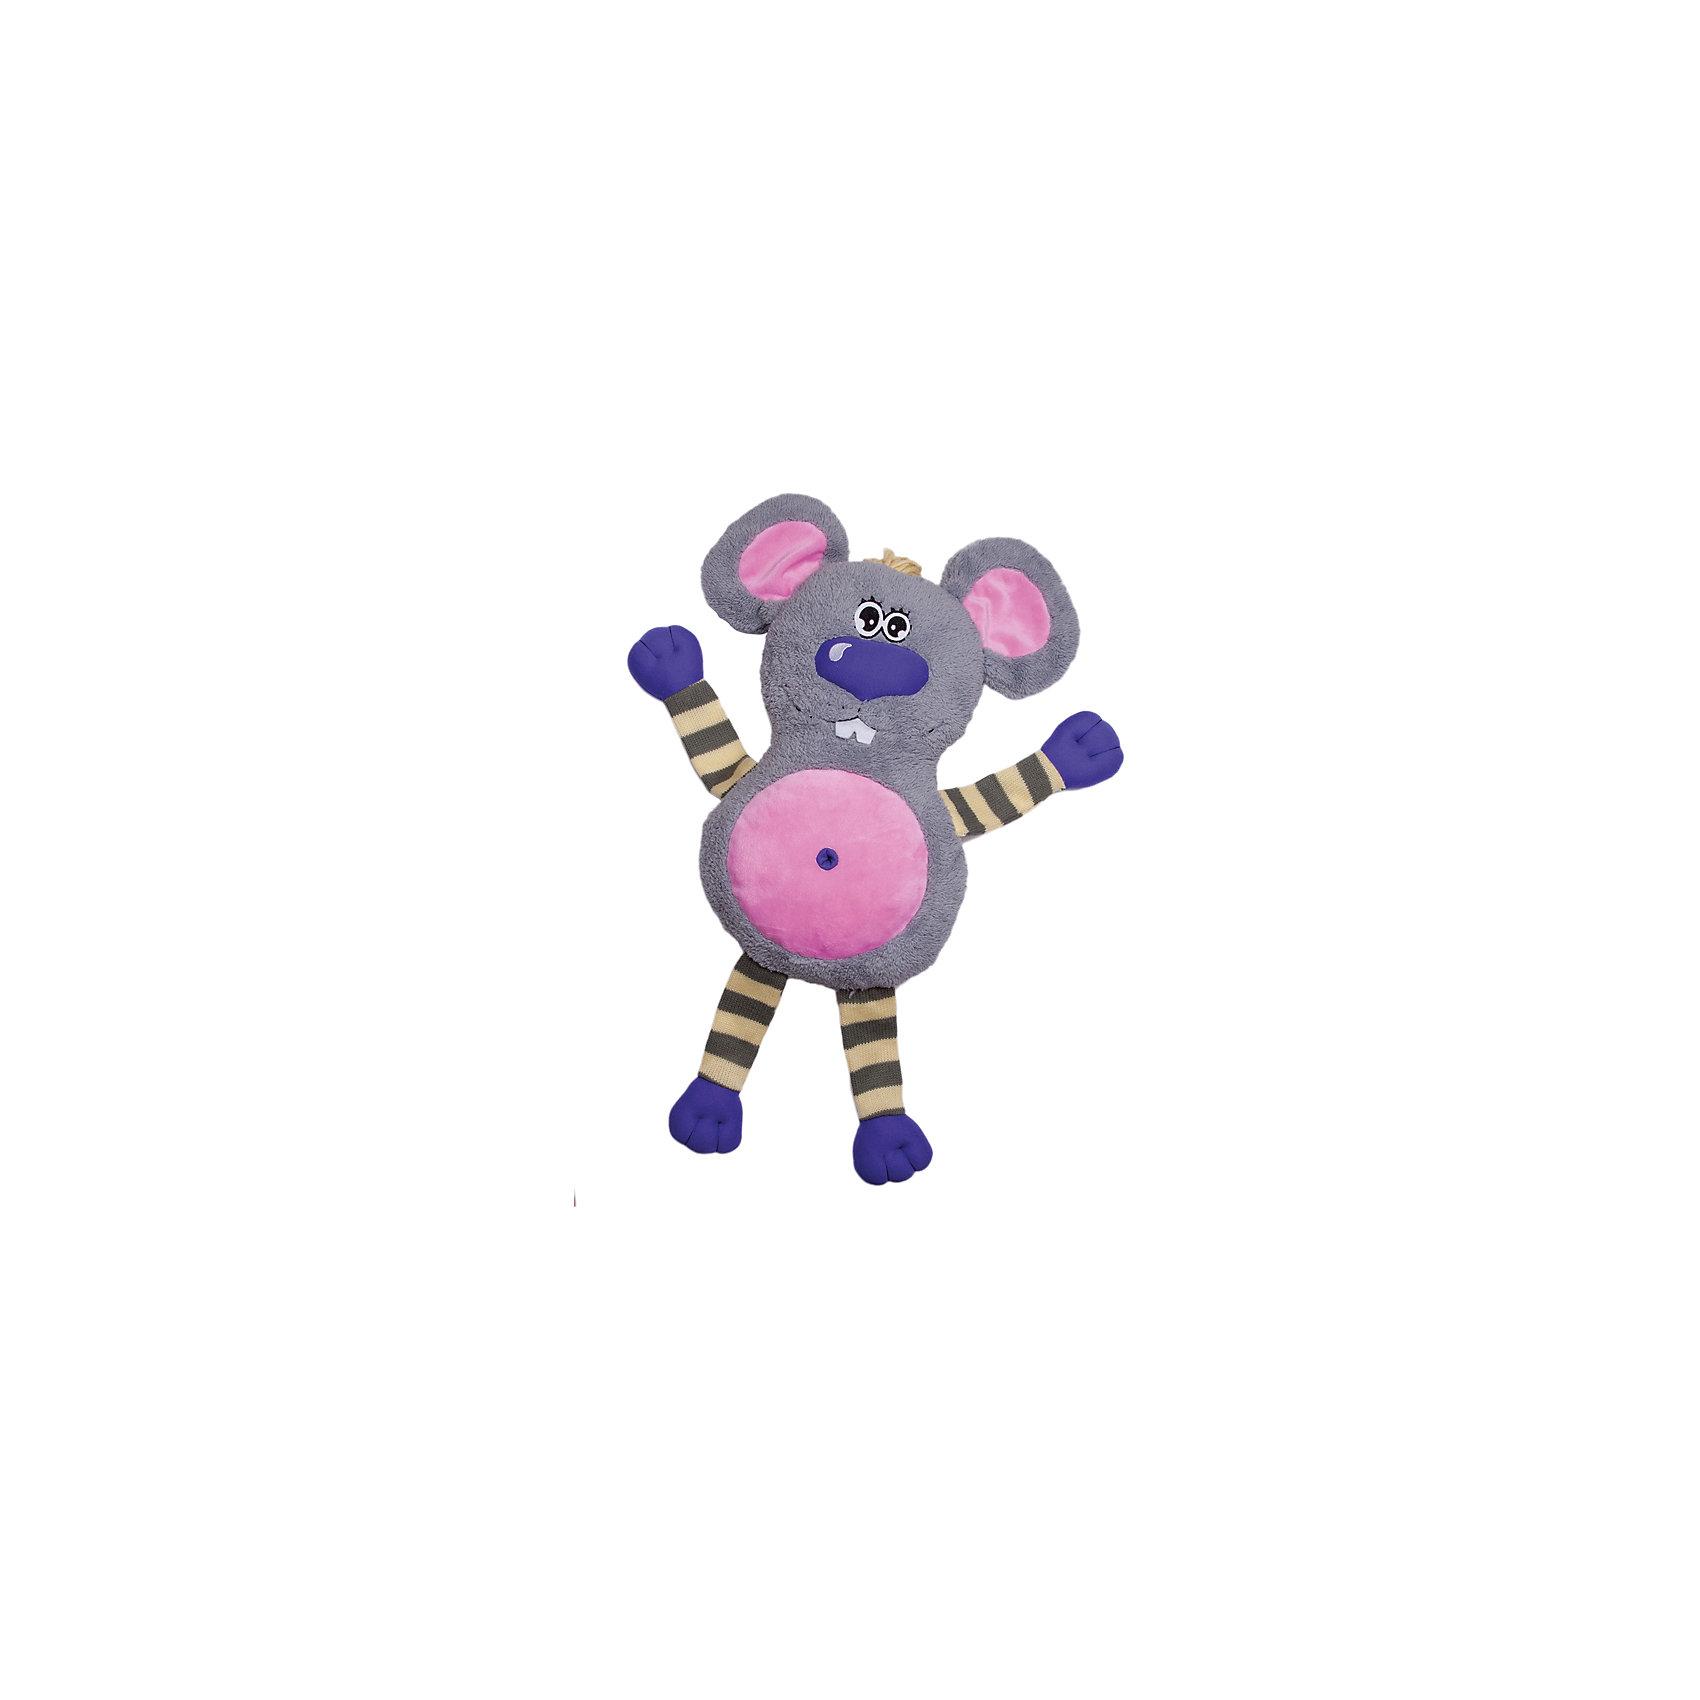 Игрушка-обнимашка Мышь, 60 см, Fluffy FamilyМягкие игрушки животные<br>Мягкие игрушки – фавориты среди девчачьих игрушек. Приятный материал и милая форма игрушки понравится всем девочкам, любящим игрушечных пушистиков. Мышка – интересный вариант для подарка, когда хочется показать свою нежность, испытываемую к получателю. Для самых маленьких мышь станет отличным компаньоном для сна в обнимку и настоящим другом, которому можно доверить все секреты. Материалы, использованные при изготовлении товара, абсолютно безопасны и отвечают всем международным требованиям по качеству.<br><br>Дополнительные характеристики:<br><br>материал: искусственный мех;<br>цвет: серый;<br>габариты: 60 см.<br><br>Игрушку-обнимашку Мышь от компании Fluffy Family можно приобрести в нашем магазине.<br><br>Ширина мм: 650<br>Глубина мм: 580<br>Высота мм: 450<br>Вес г: 1000<br>Возраст от месяцев: 36<br>Возраст до месяцев: 96<br>Пол: Унисекс<br>Возраст: Детский<br>SKU: 5032473